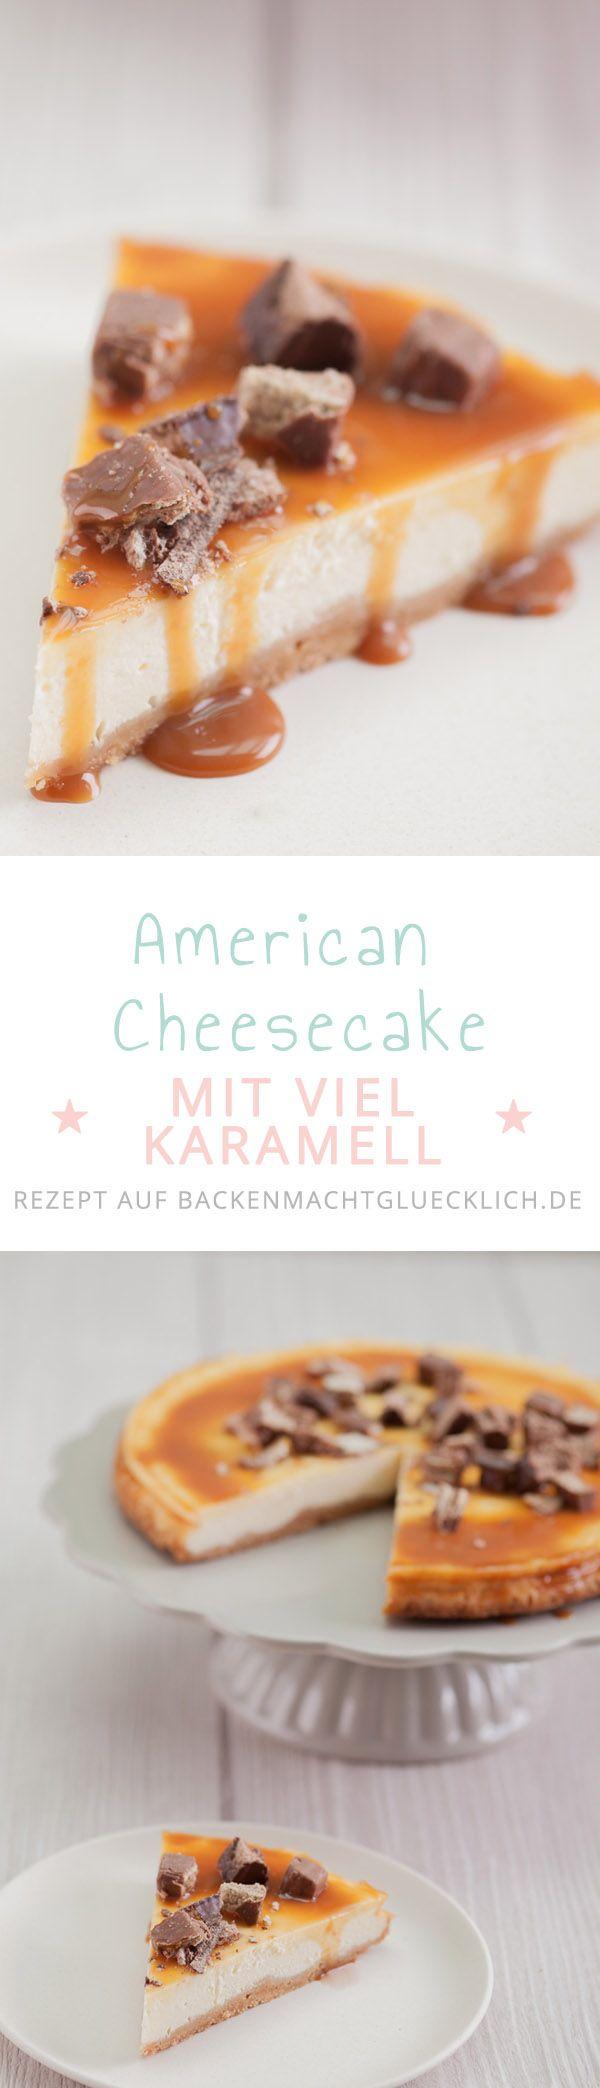 Caramel Cheesecake: Dieser American Cheesecake ist nicht nur wunderbar cremig; der Käsekuchen fällt garantiert nicht ein und wird durch das Karamell-Schoko-Topping zu einem ganz besonderen Genuss (Baking Desserts Brownies)